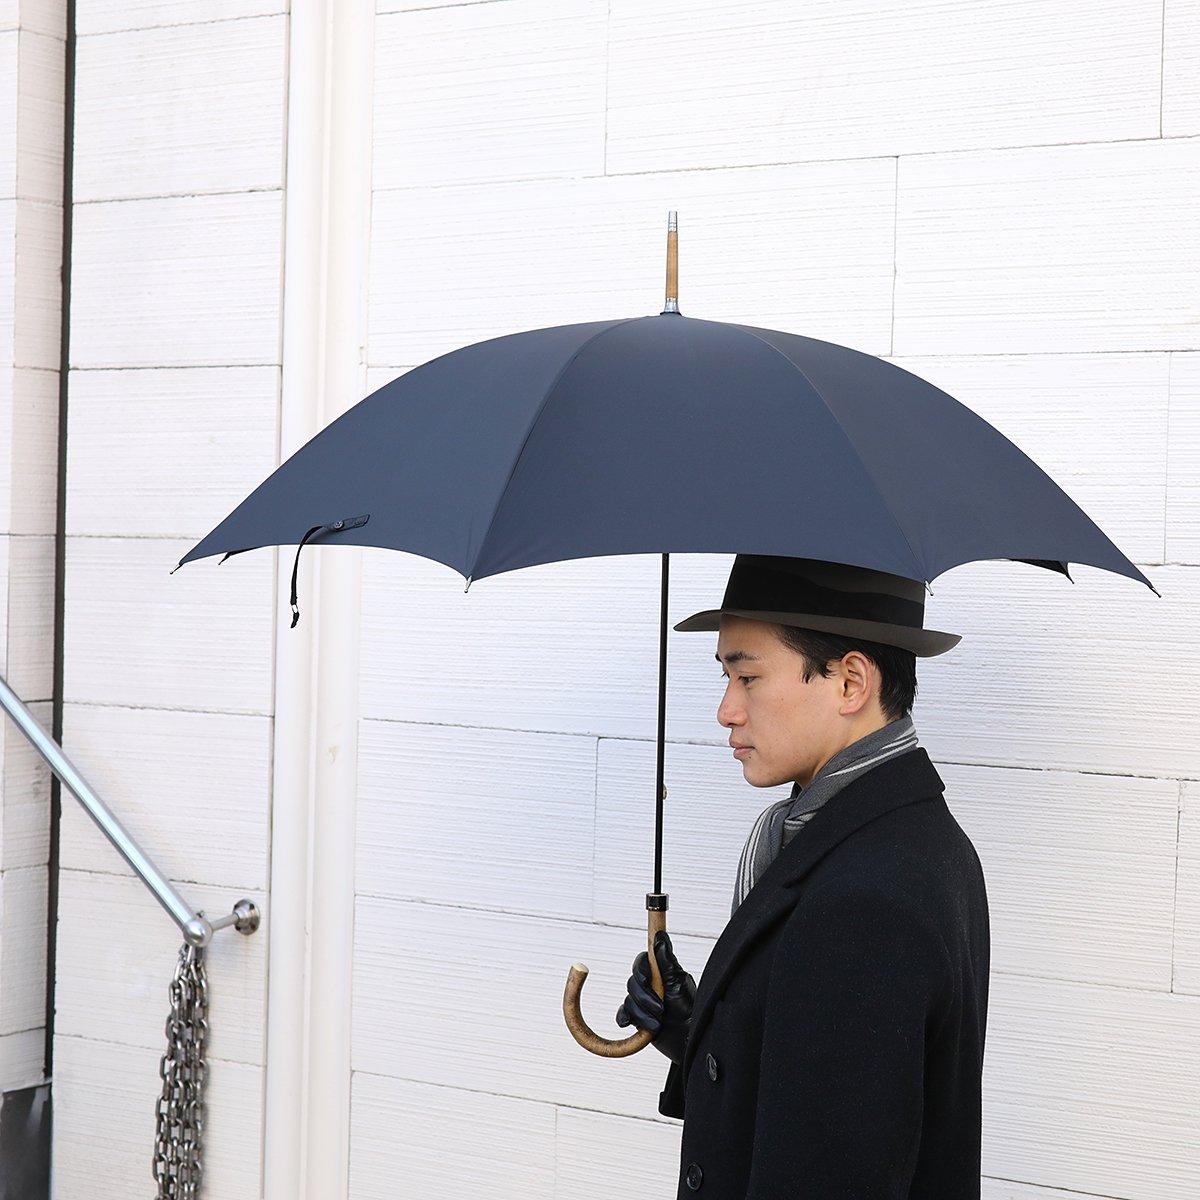 太鼓傘 - 鉄芯 詳細画像26